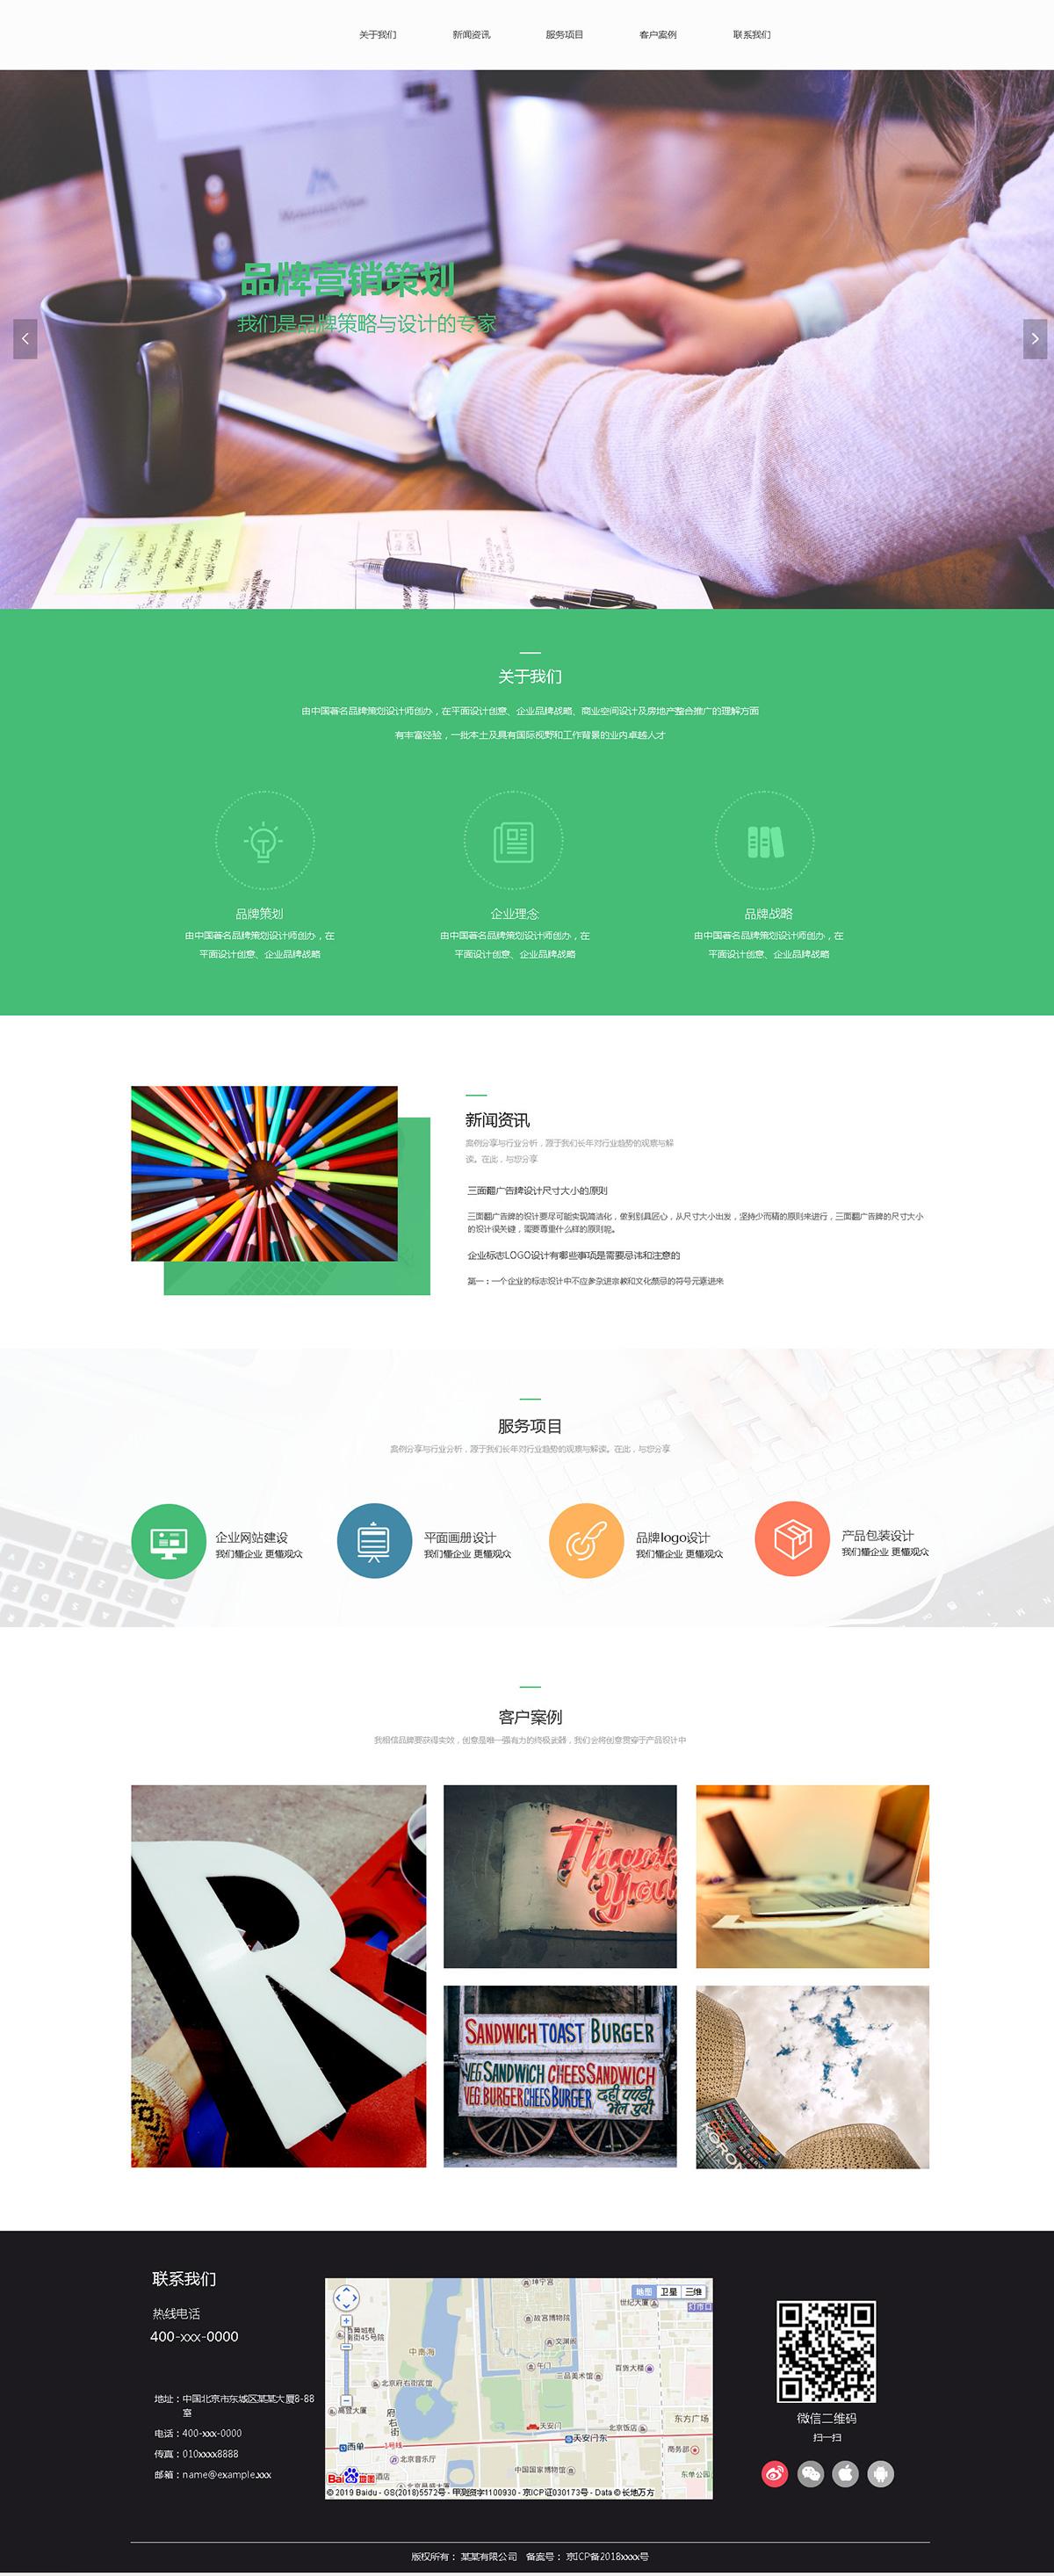 广告设计网站UI效果图